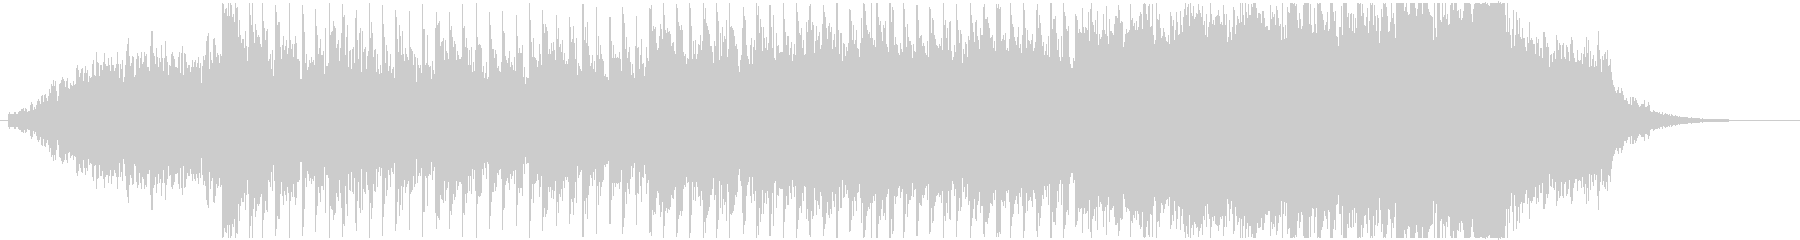 シンセサイザーやサックスを使用した暗い曲の未再生の波形